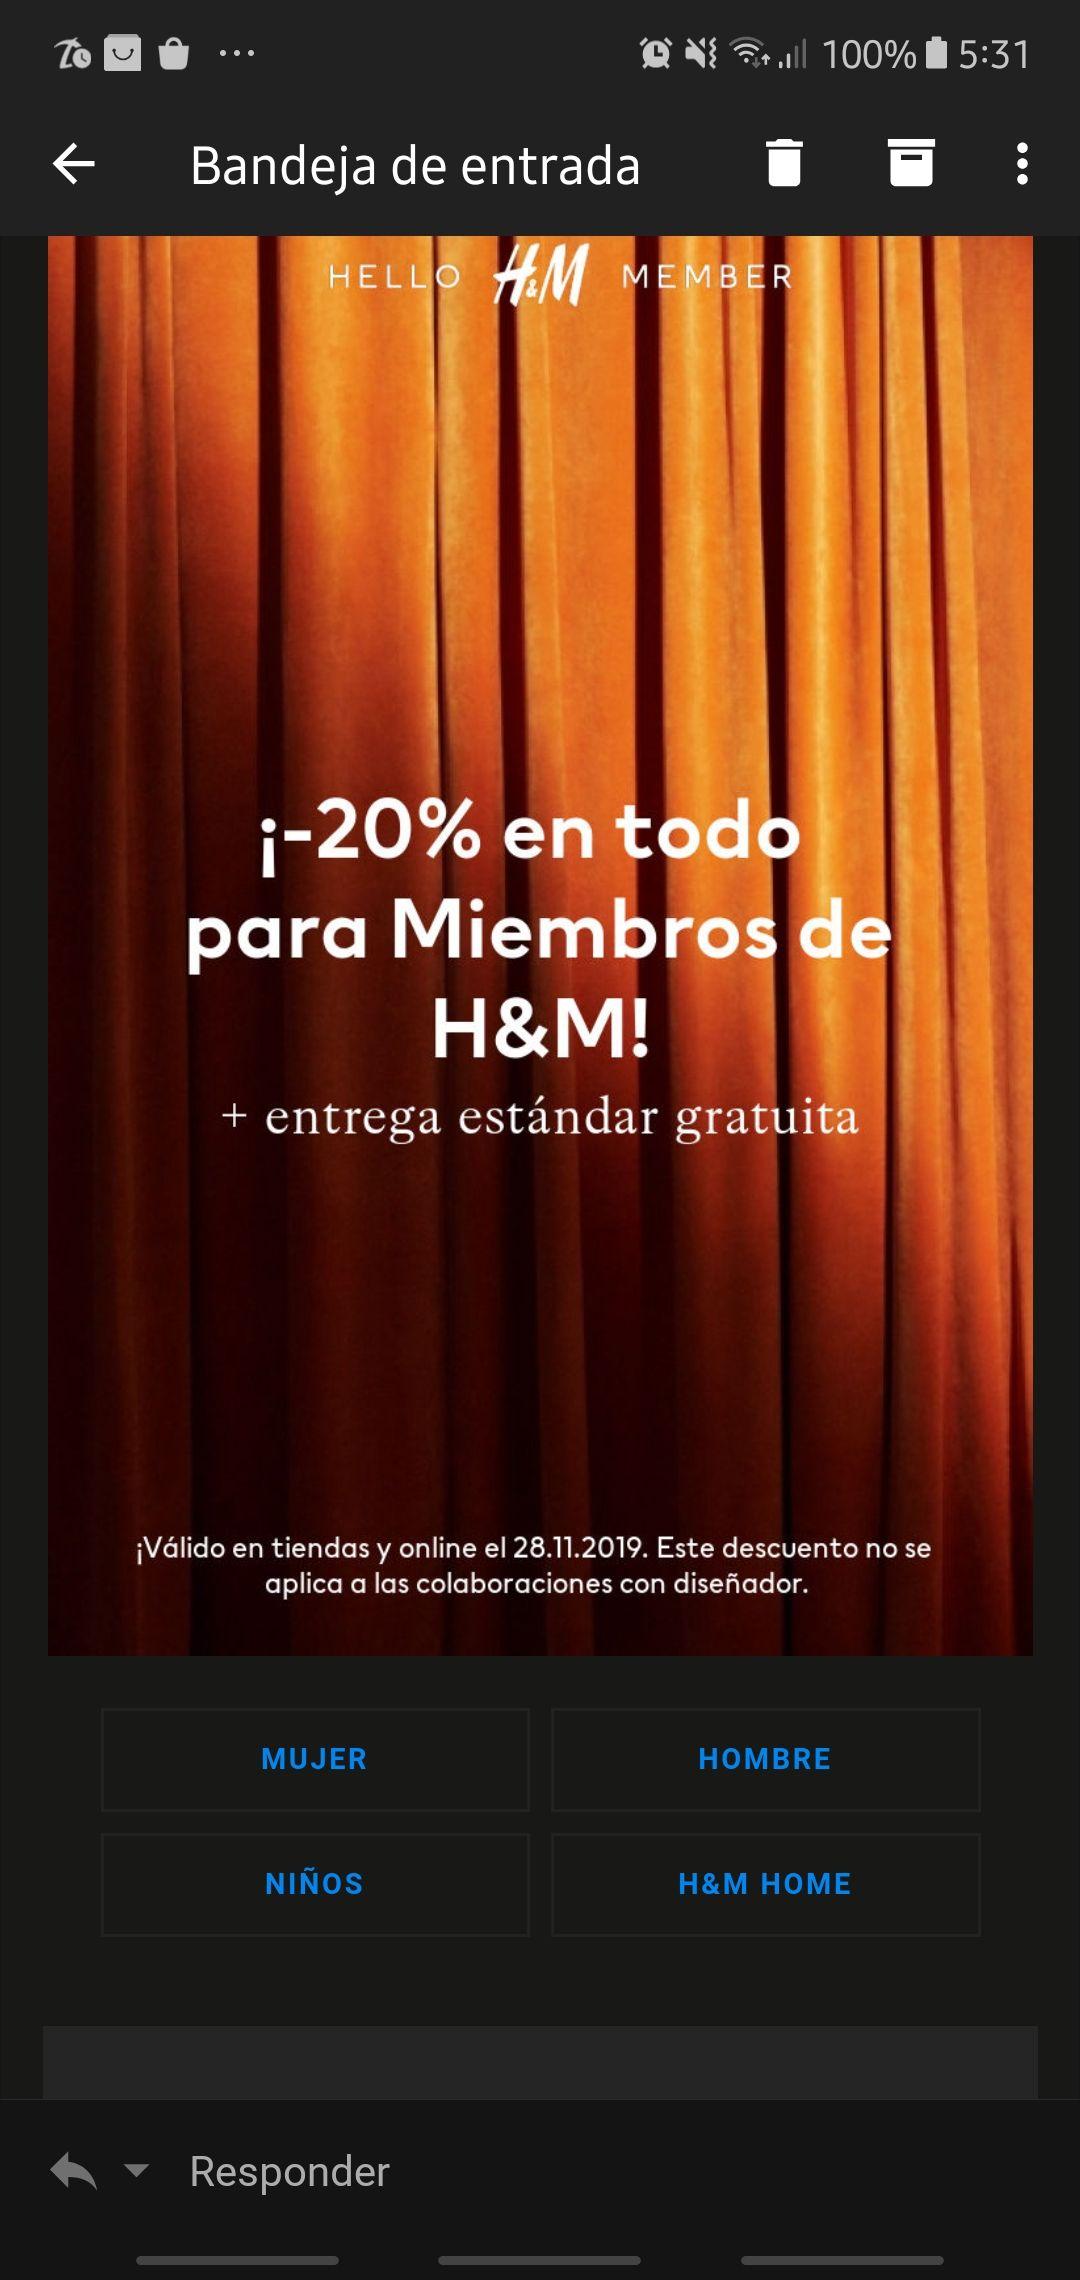 20% en toda la tienda a miembros H&M